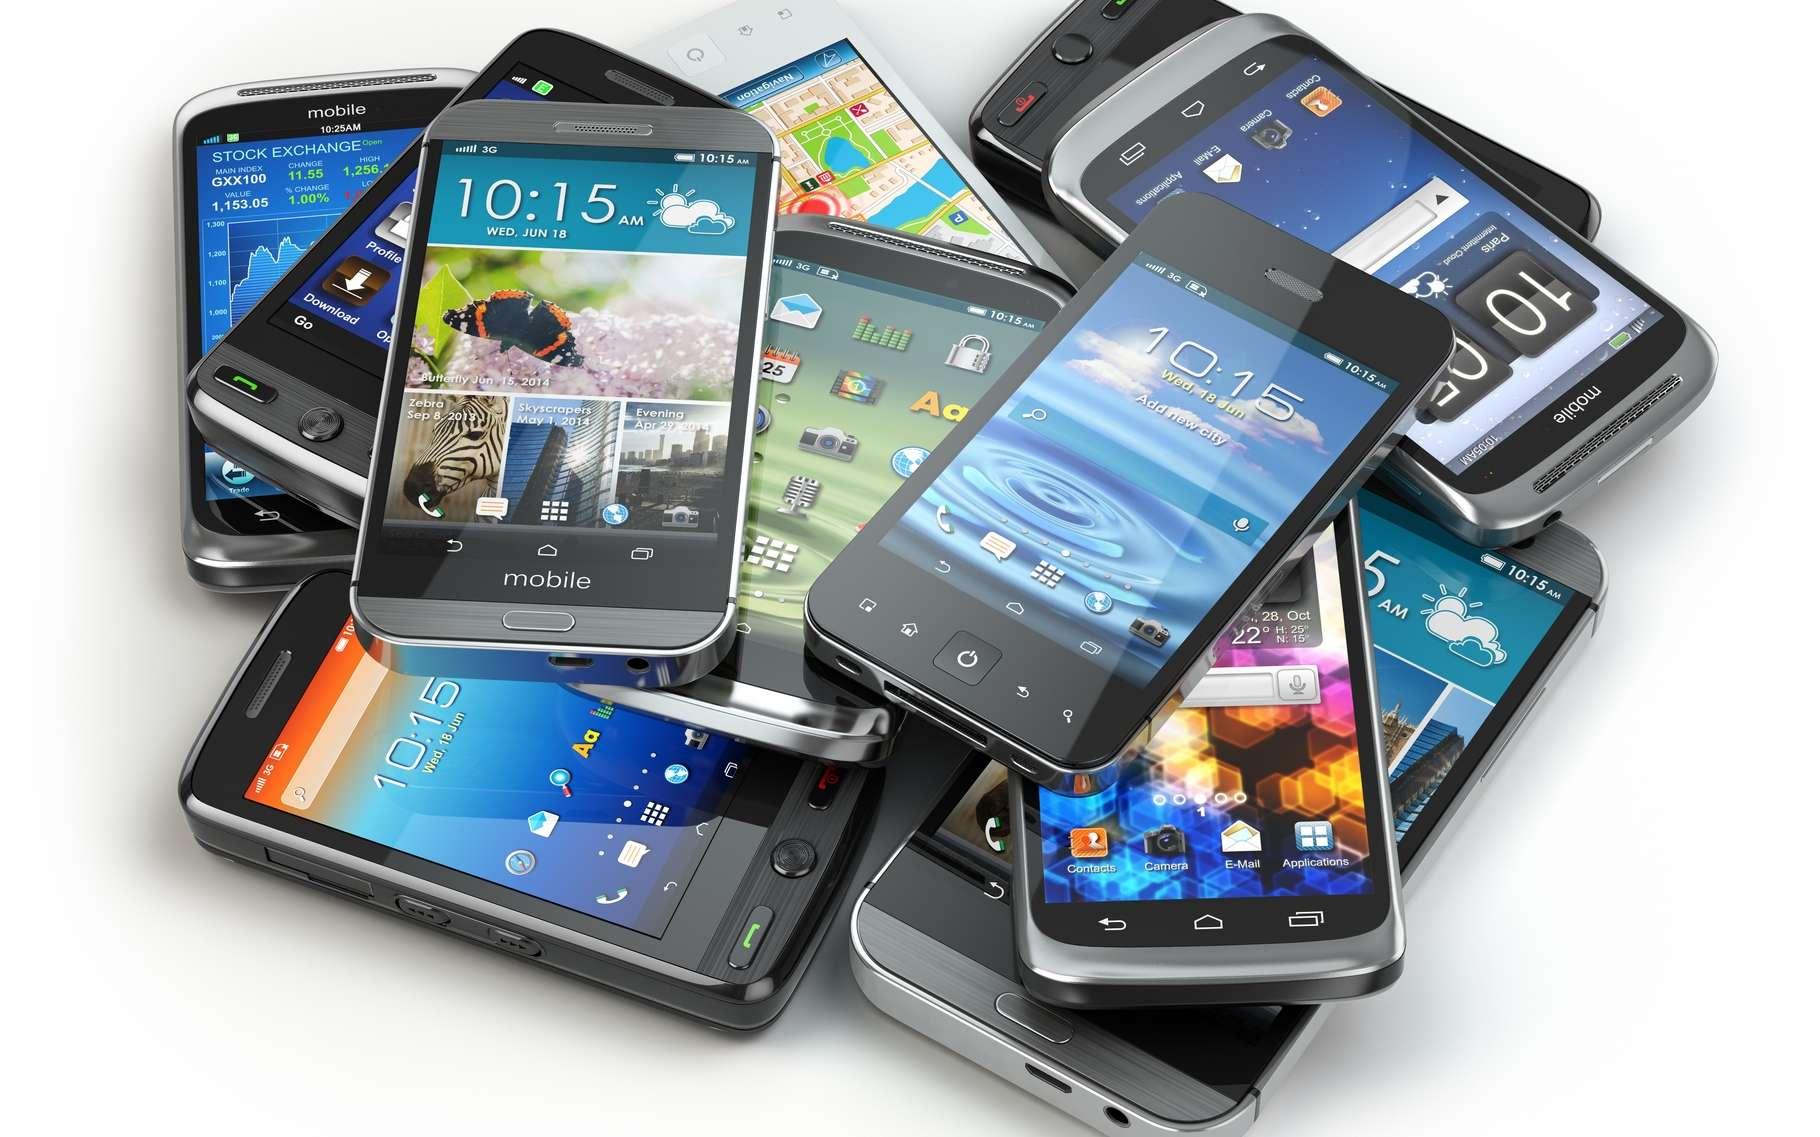 D'abord outil professionnel un peu austère, le smartphone est devenu un produit grand public phare, notamment sous l'impulsion de l'iPhone et de son écran tactile. © Maxx-Studio, Shutterstock